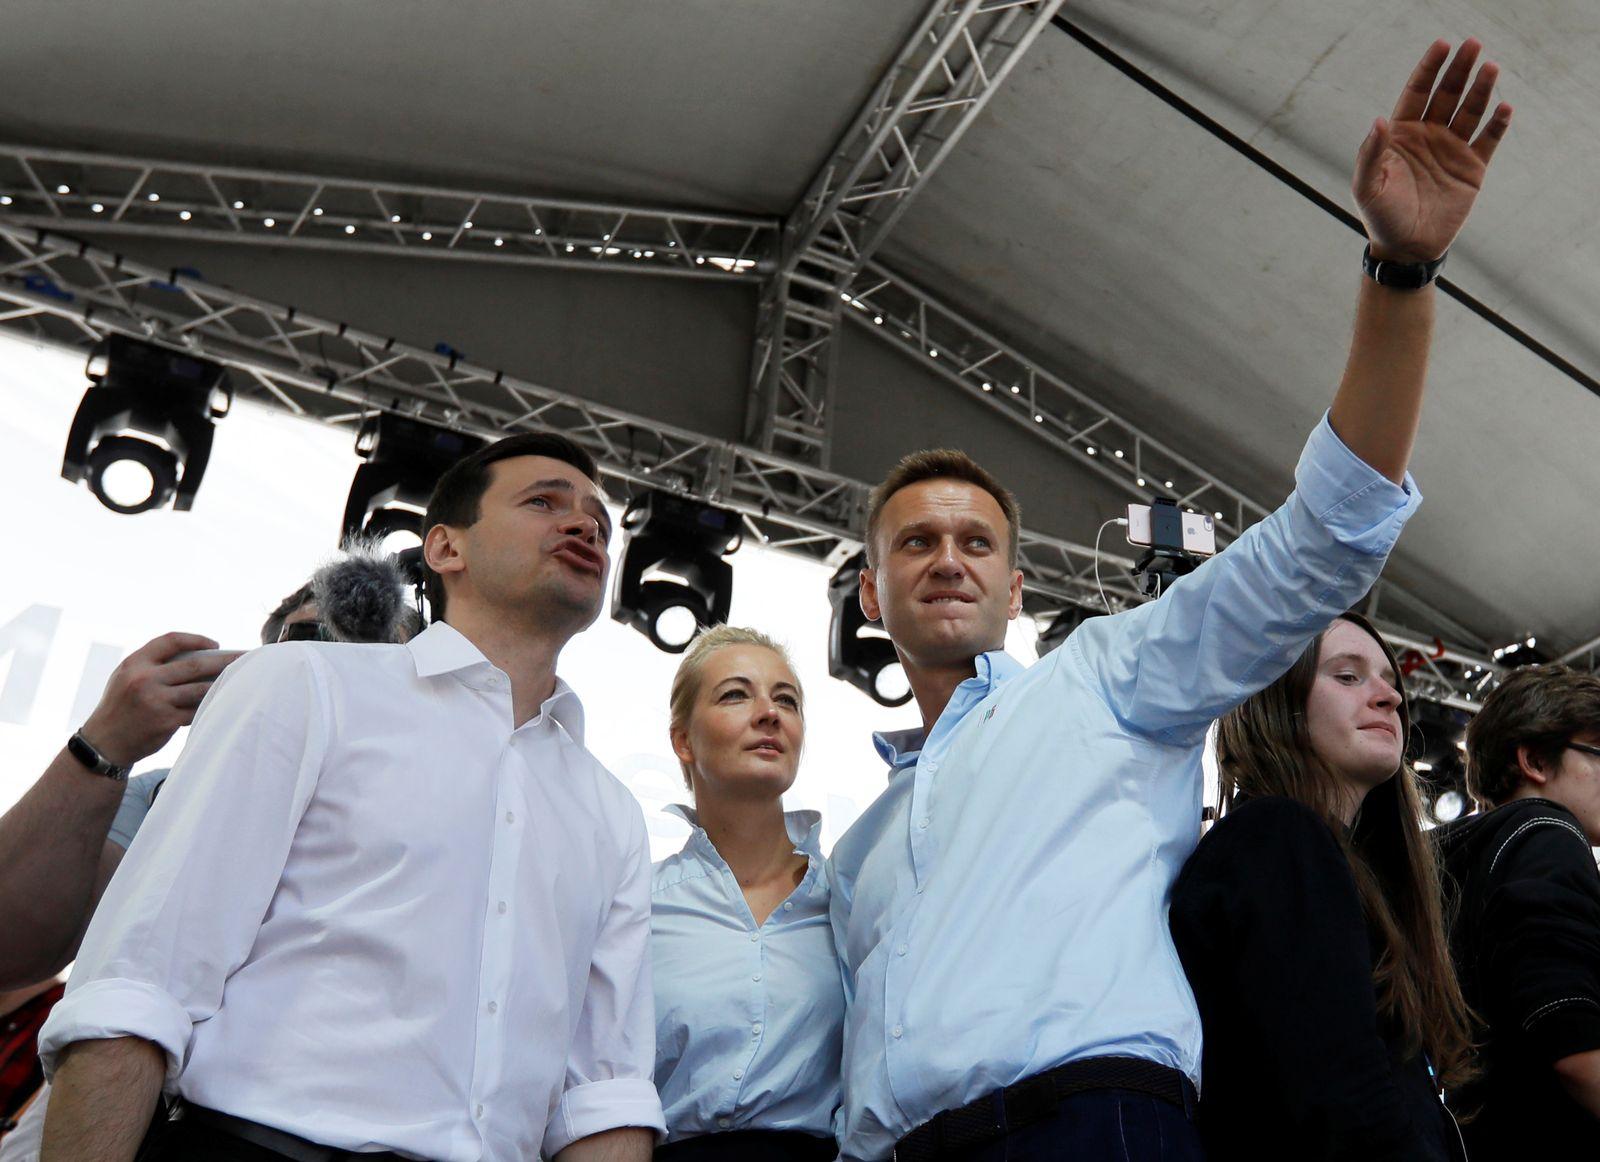 Ilya Yashin/ Russland/ Opposition/ Nawalny